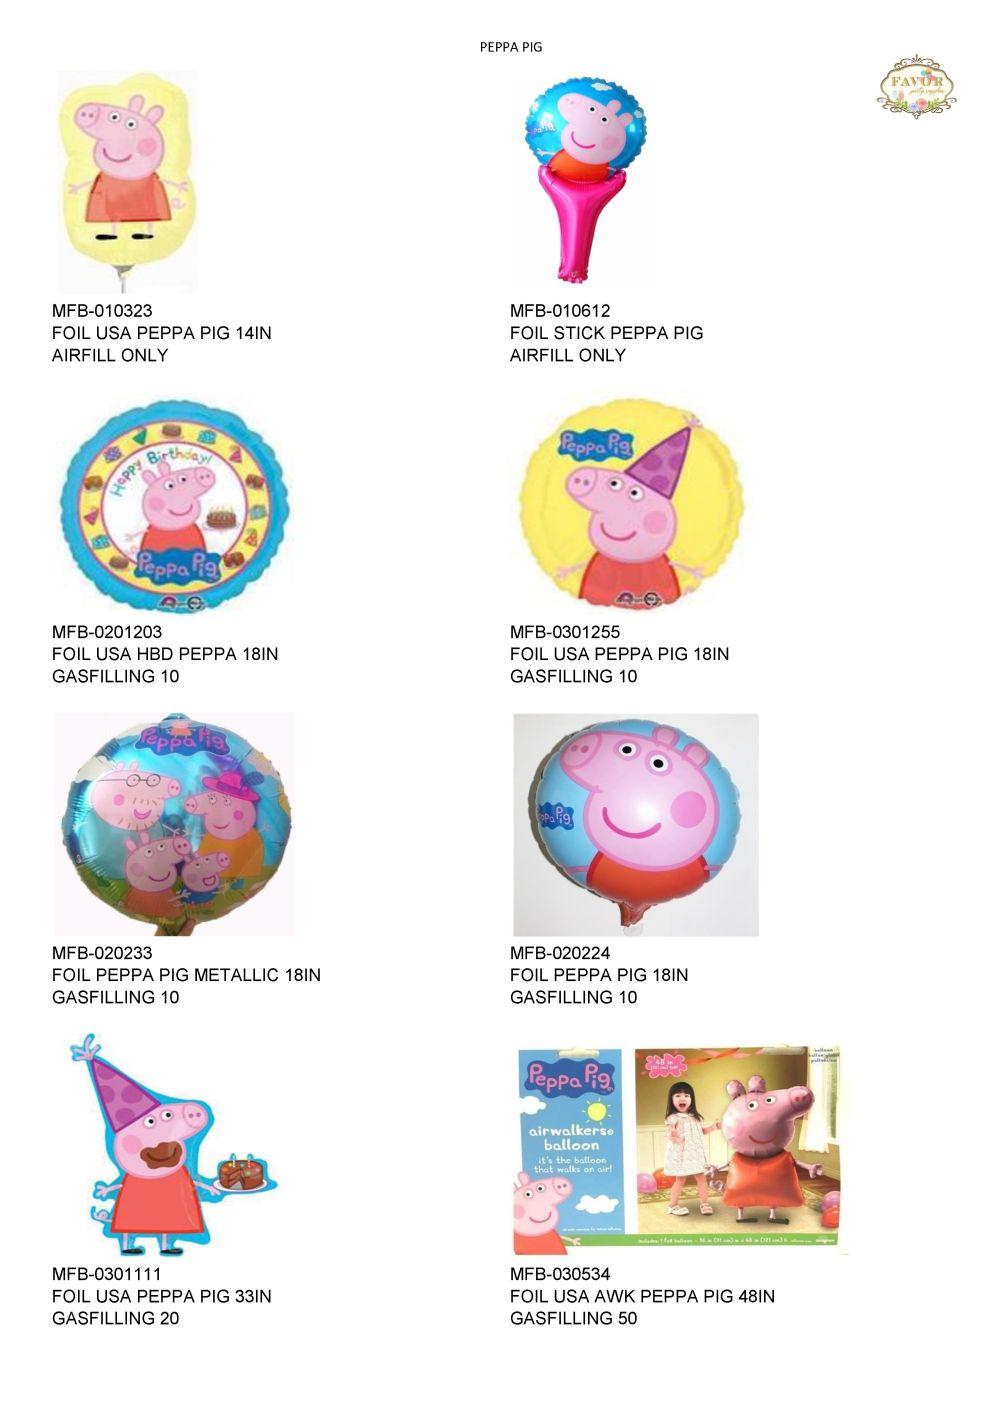 katalog peppa pig.jpg